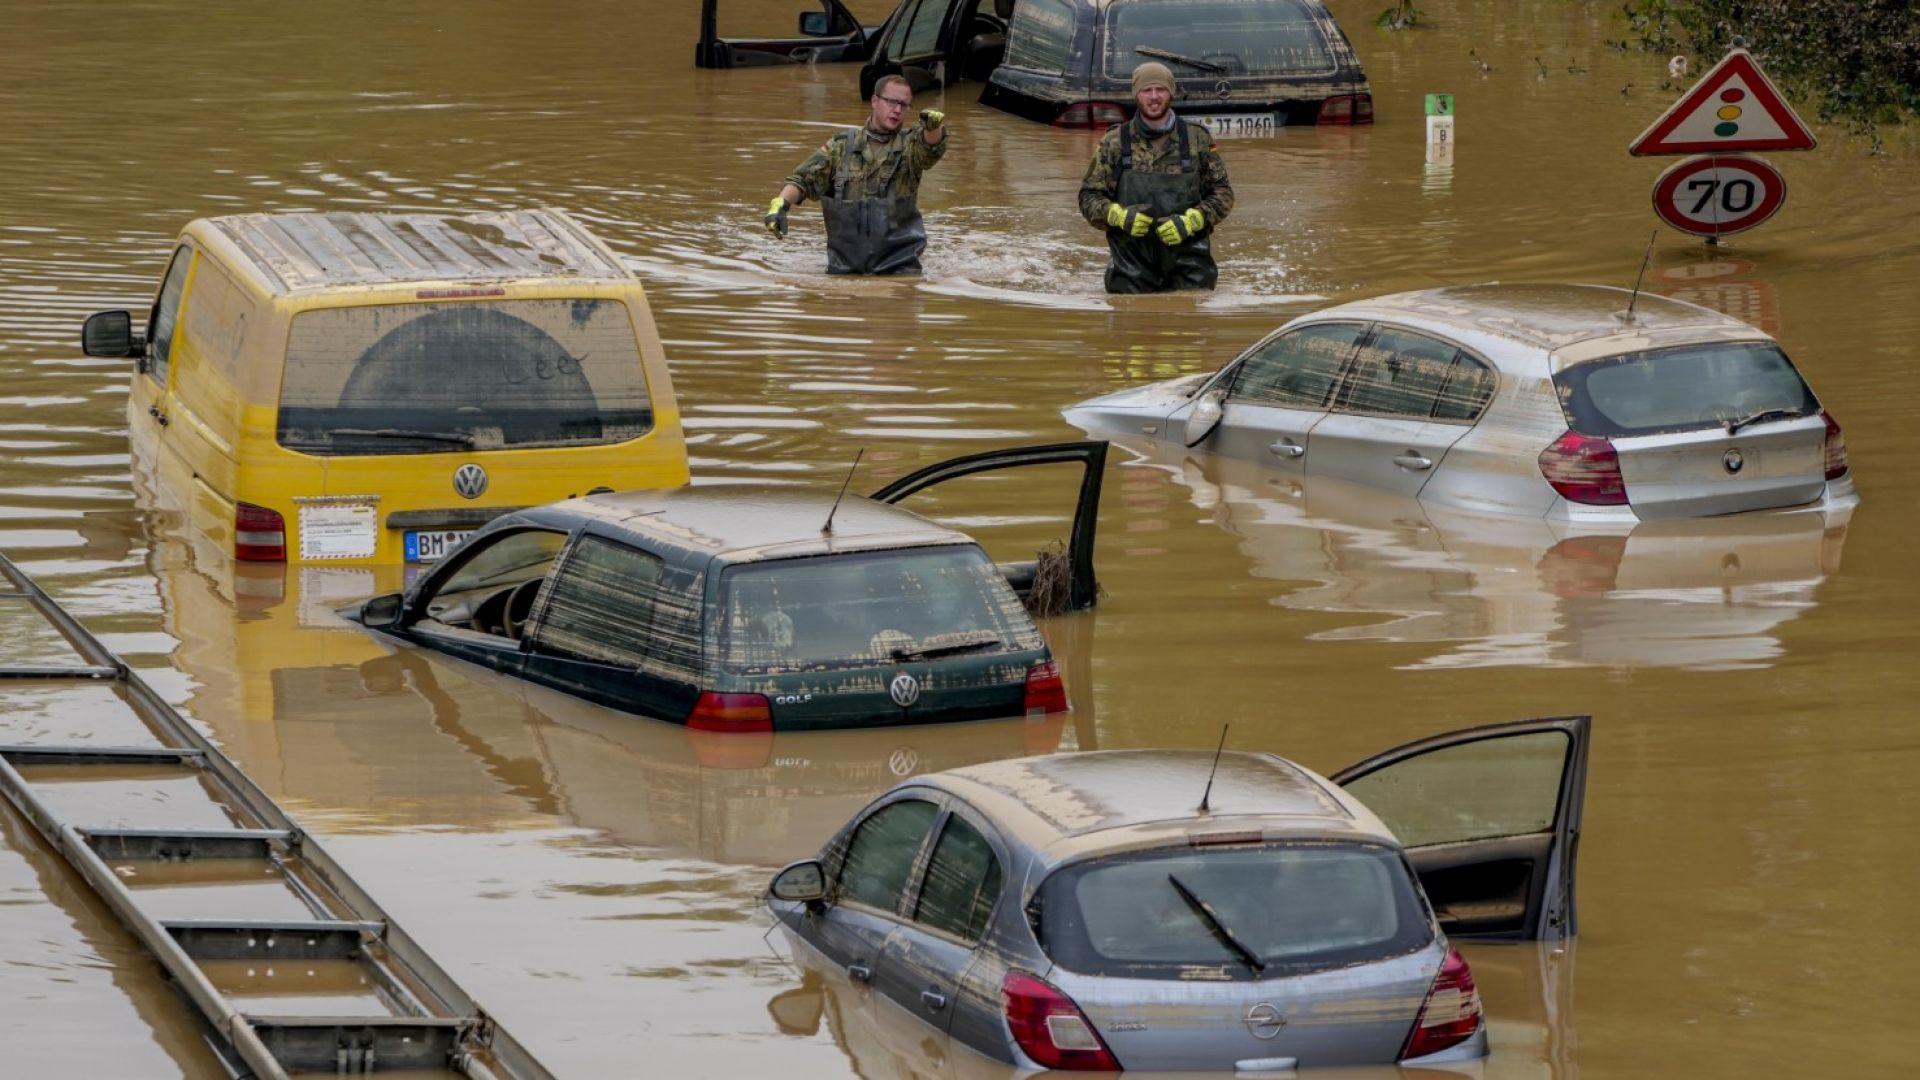 Банките в Германия ще могат да отлагат погасяване на кредити от пострадали при наводненията